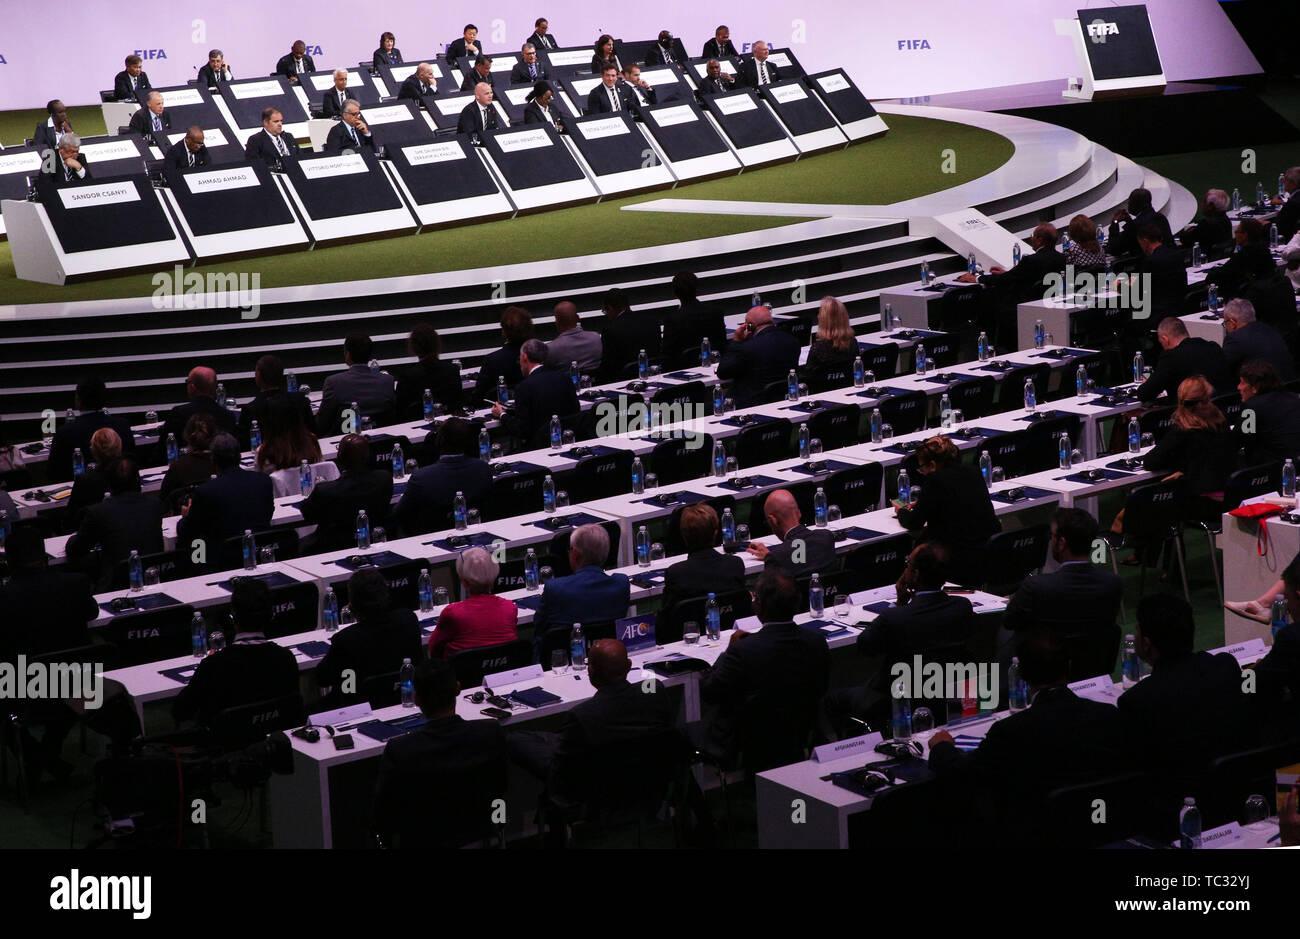 Fifa Congress Stock Photos & Fifa Congress Stock Images - Alamy